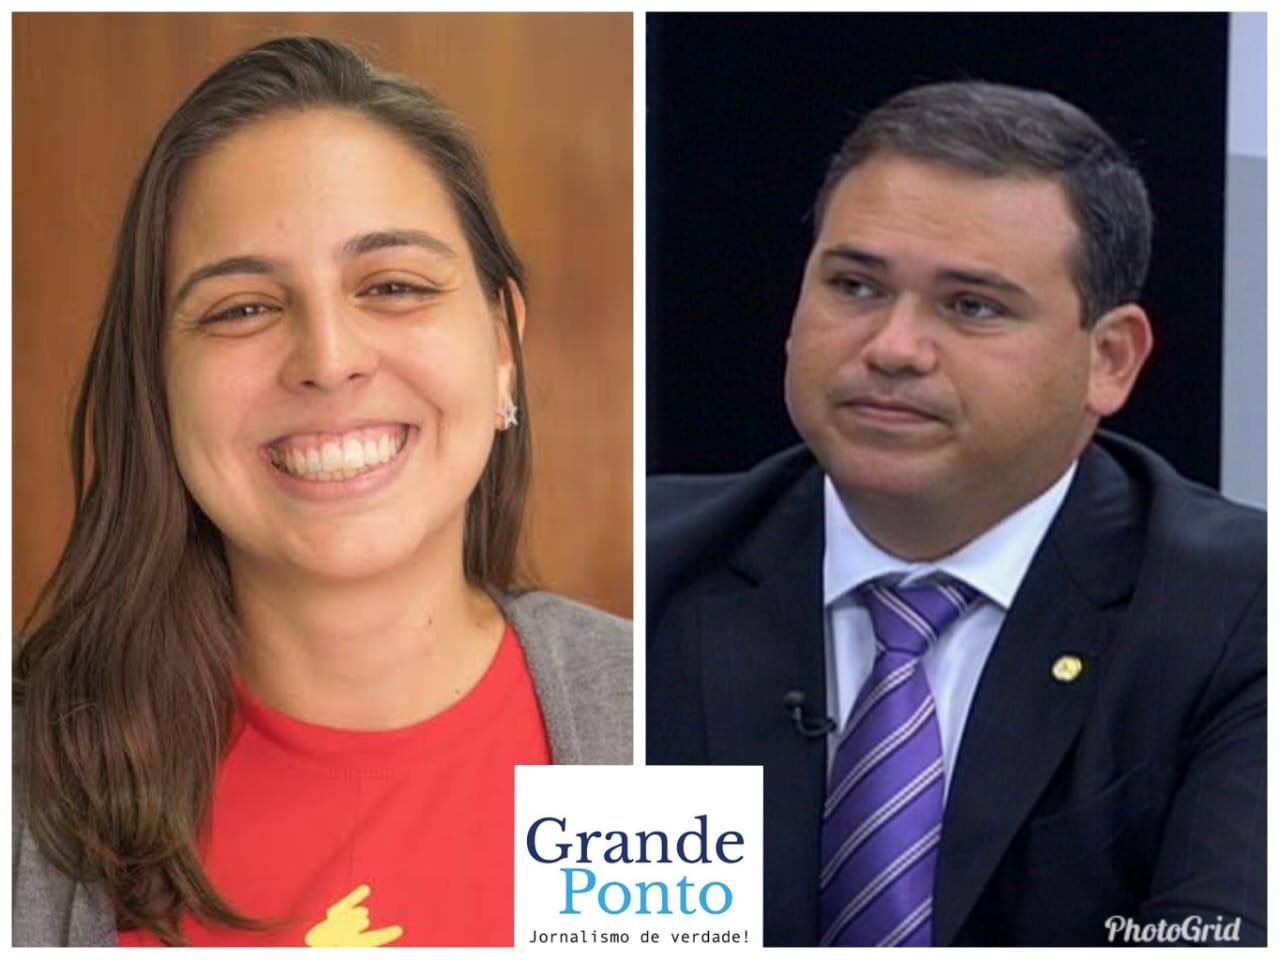 Bonavides e Beto votam para tirar Coaf de Moro; Fábio, Rafael e João se ausentam